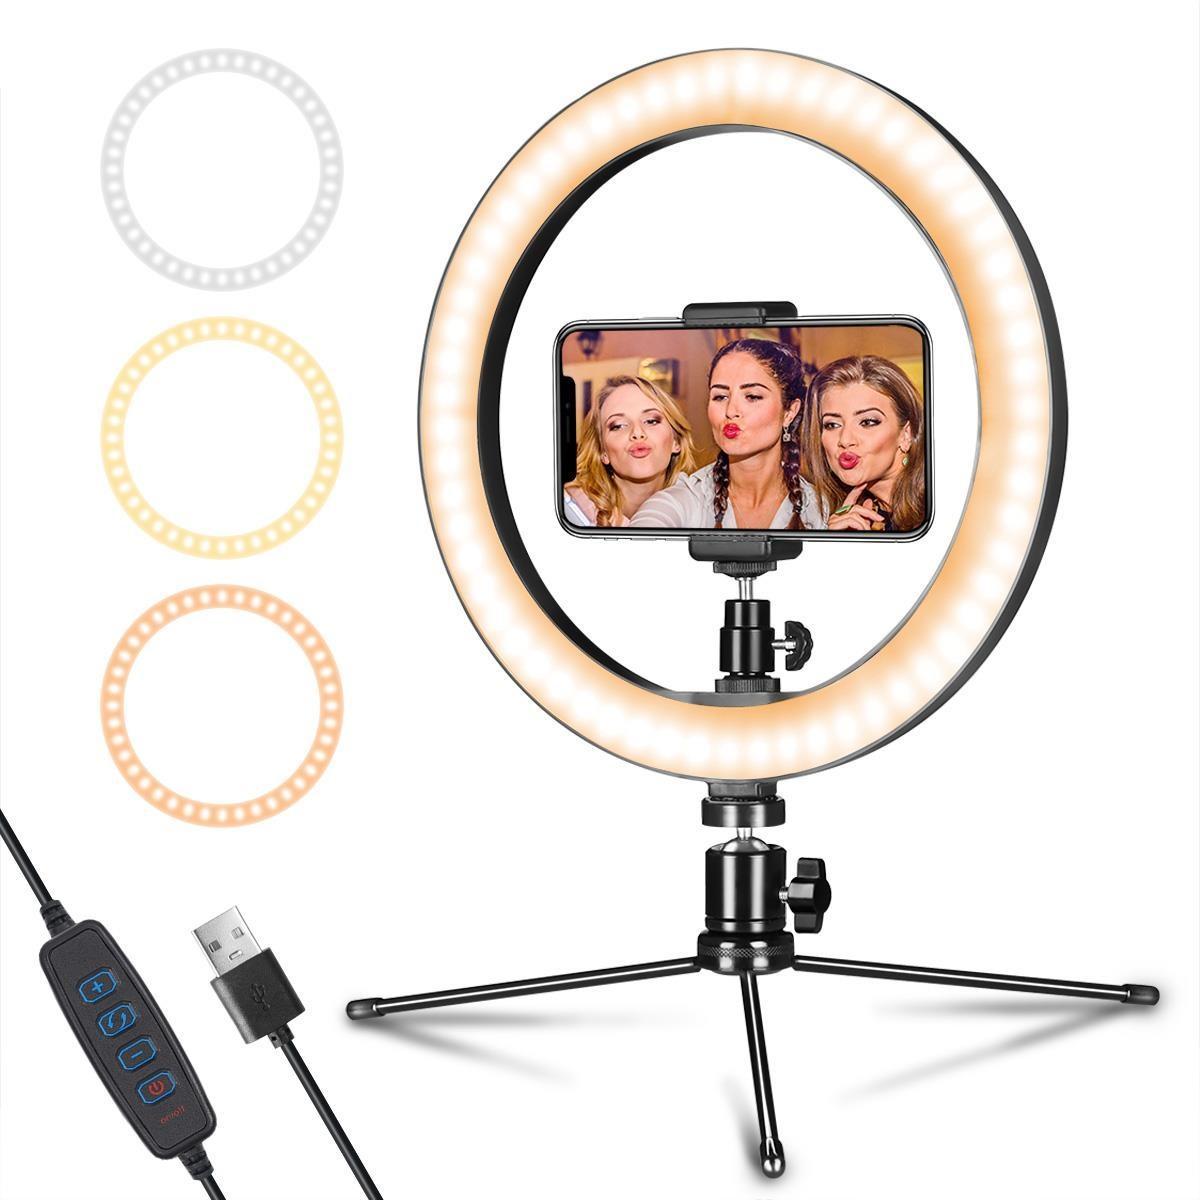 """10 """"الهاتف الخليوي سطح المكتب صورة شخصية عكس الضوء LED حلقة الضوء مع حامل ثلاثي القوائم موبايل لايف استوديو لليوتيوب بث مباشر ماكياج الكاميرا مصباح"""